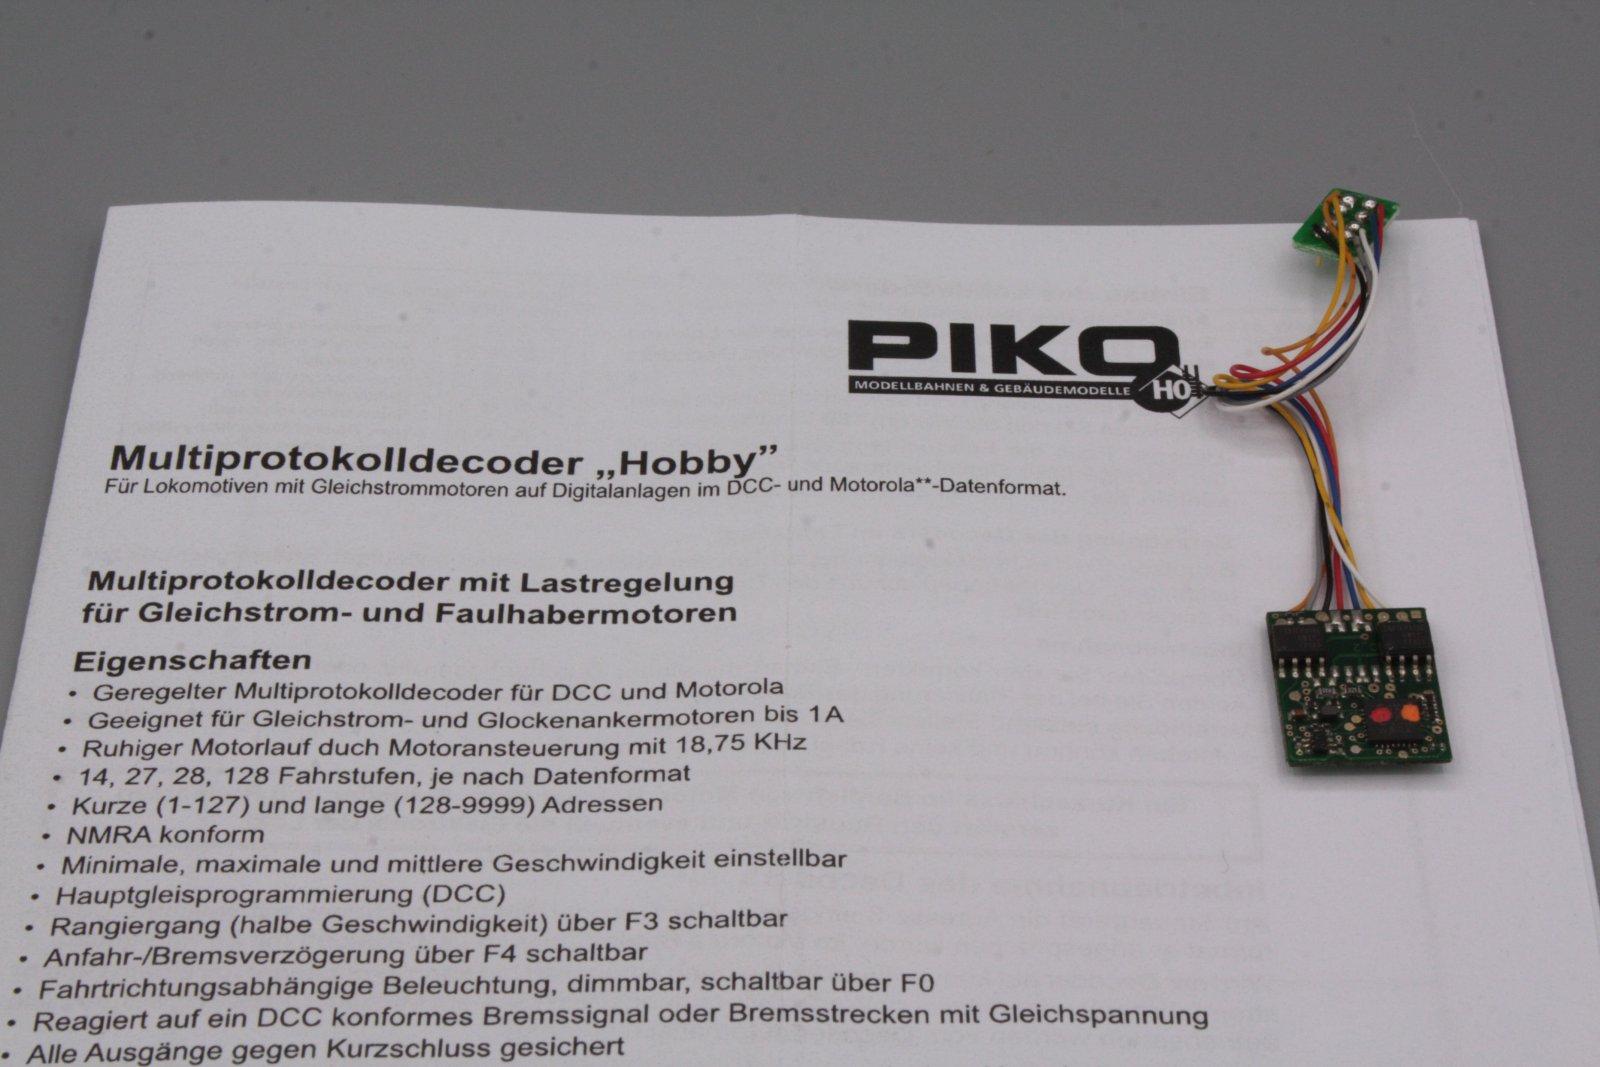 Piko 56122 Multiprotokolldecoder Hobby